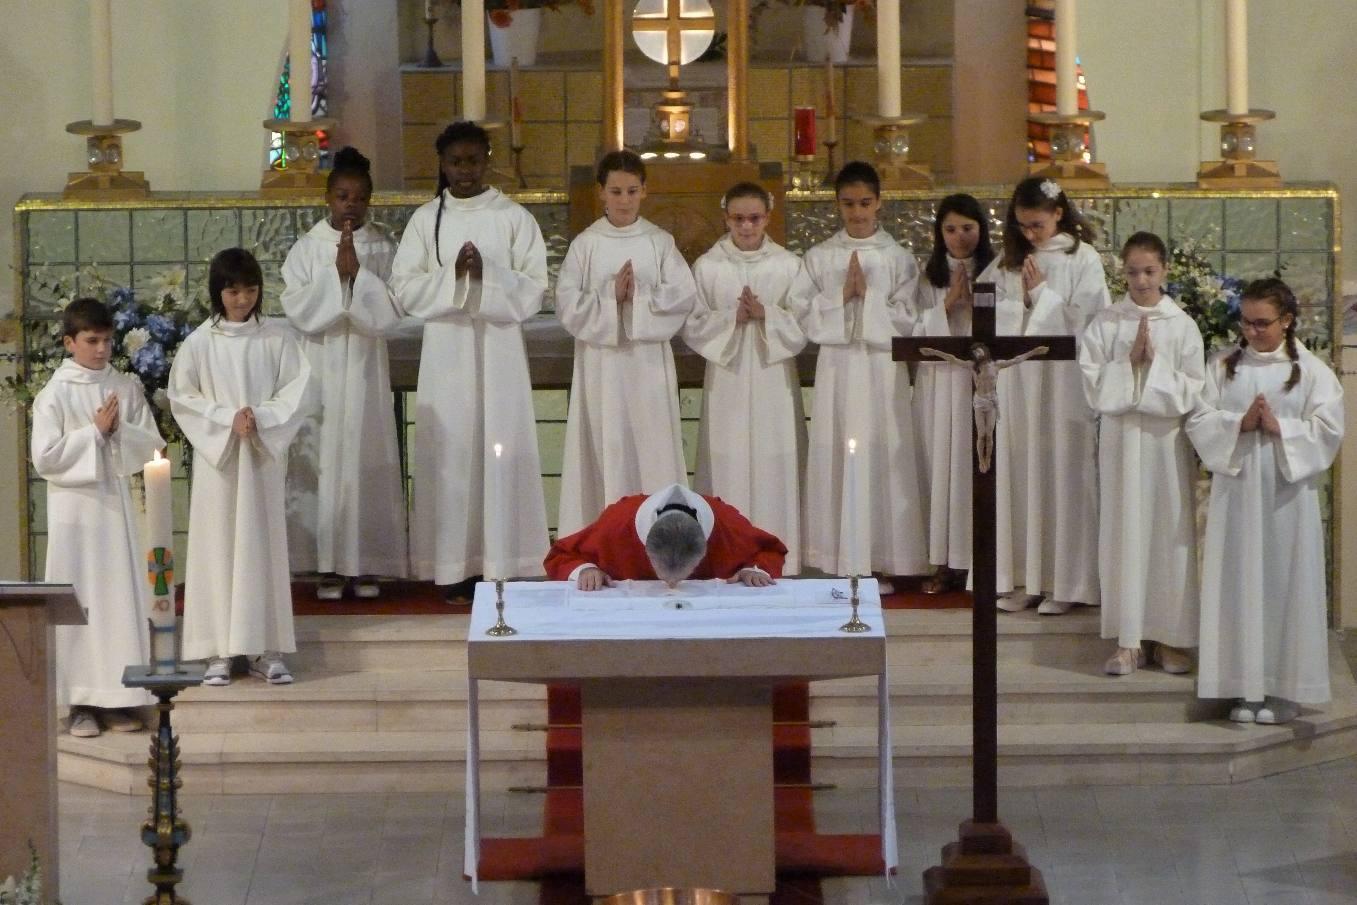 Le prêtre embrasse l'Autel qui représente le Christ-prêtre-offrande-table du sacrifice